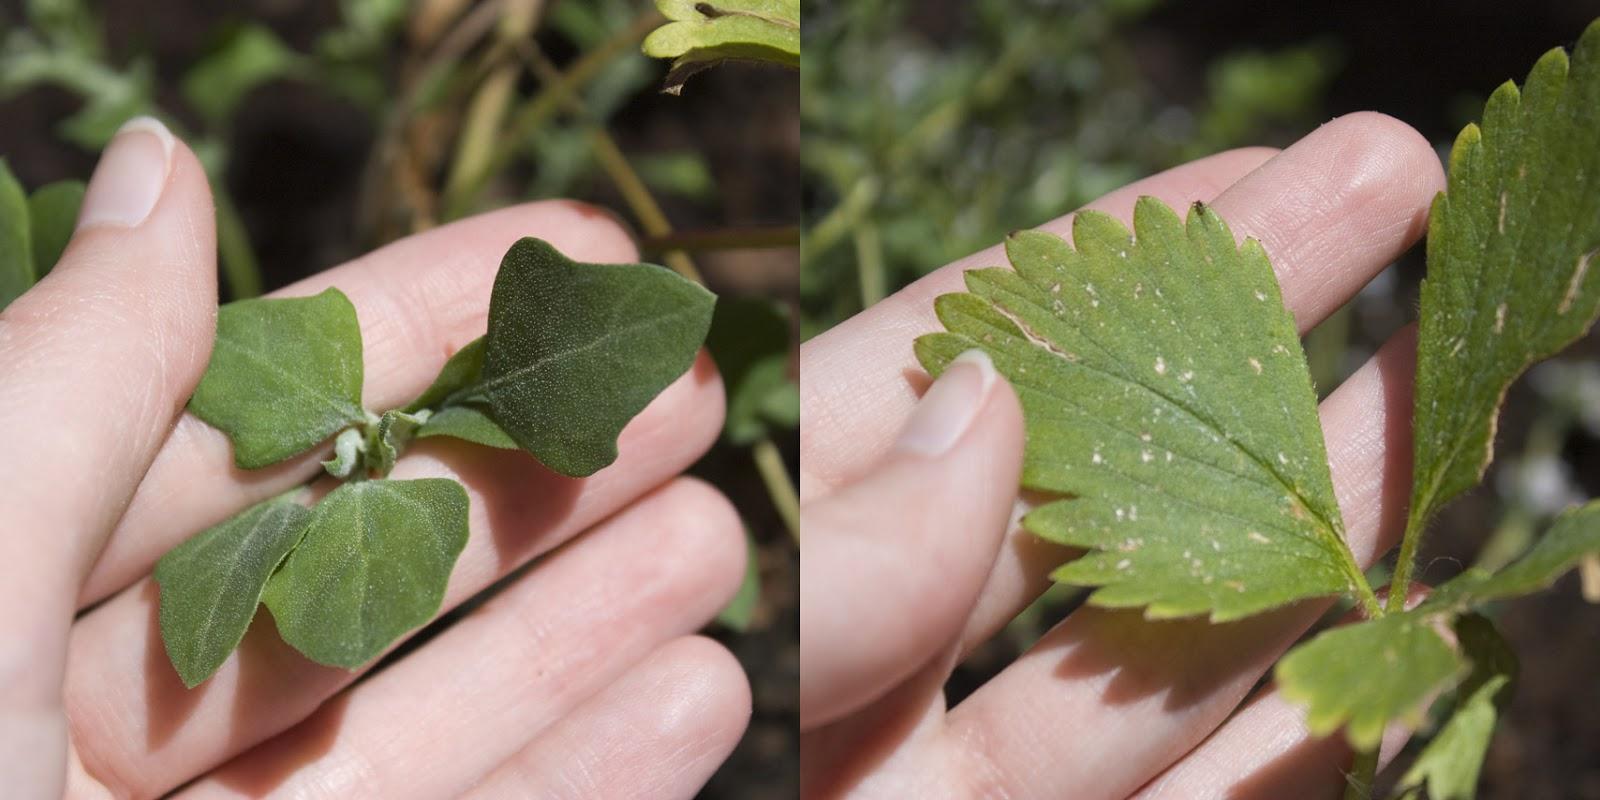 comparación hojas de planta de fresa con hojas de mala hierba